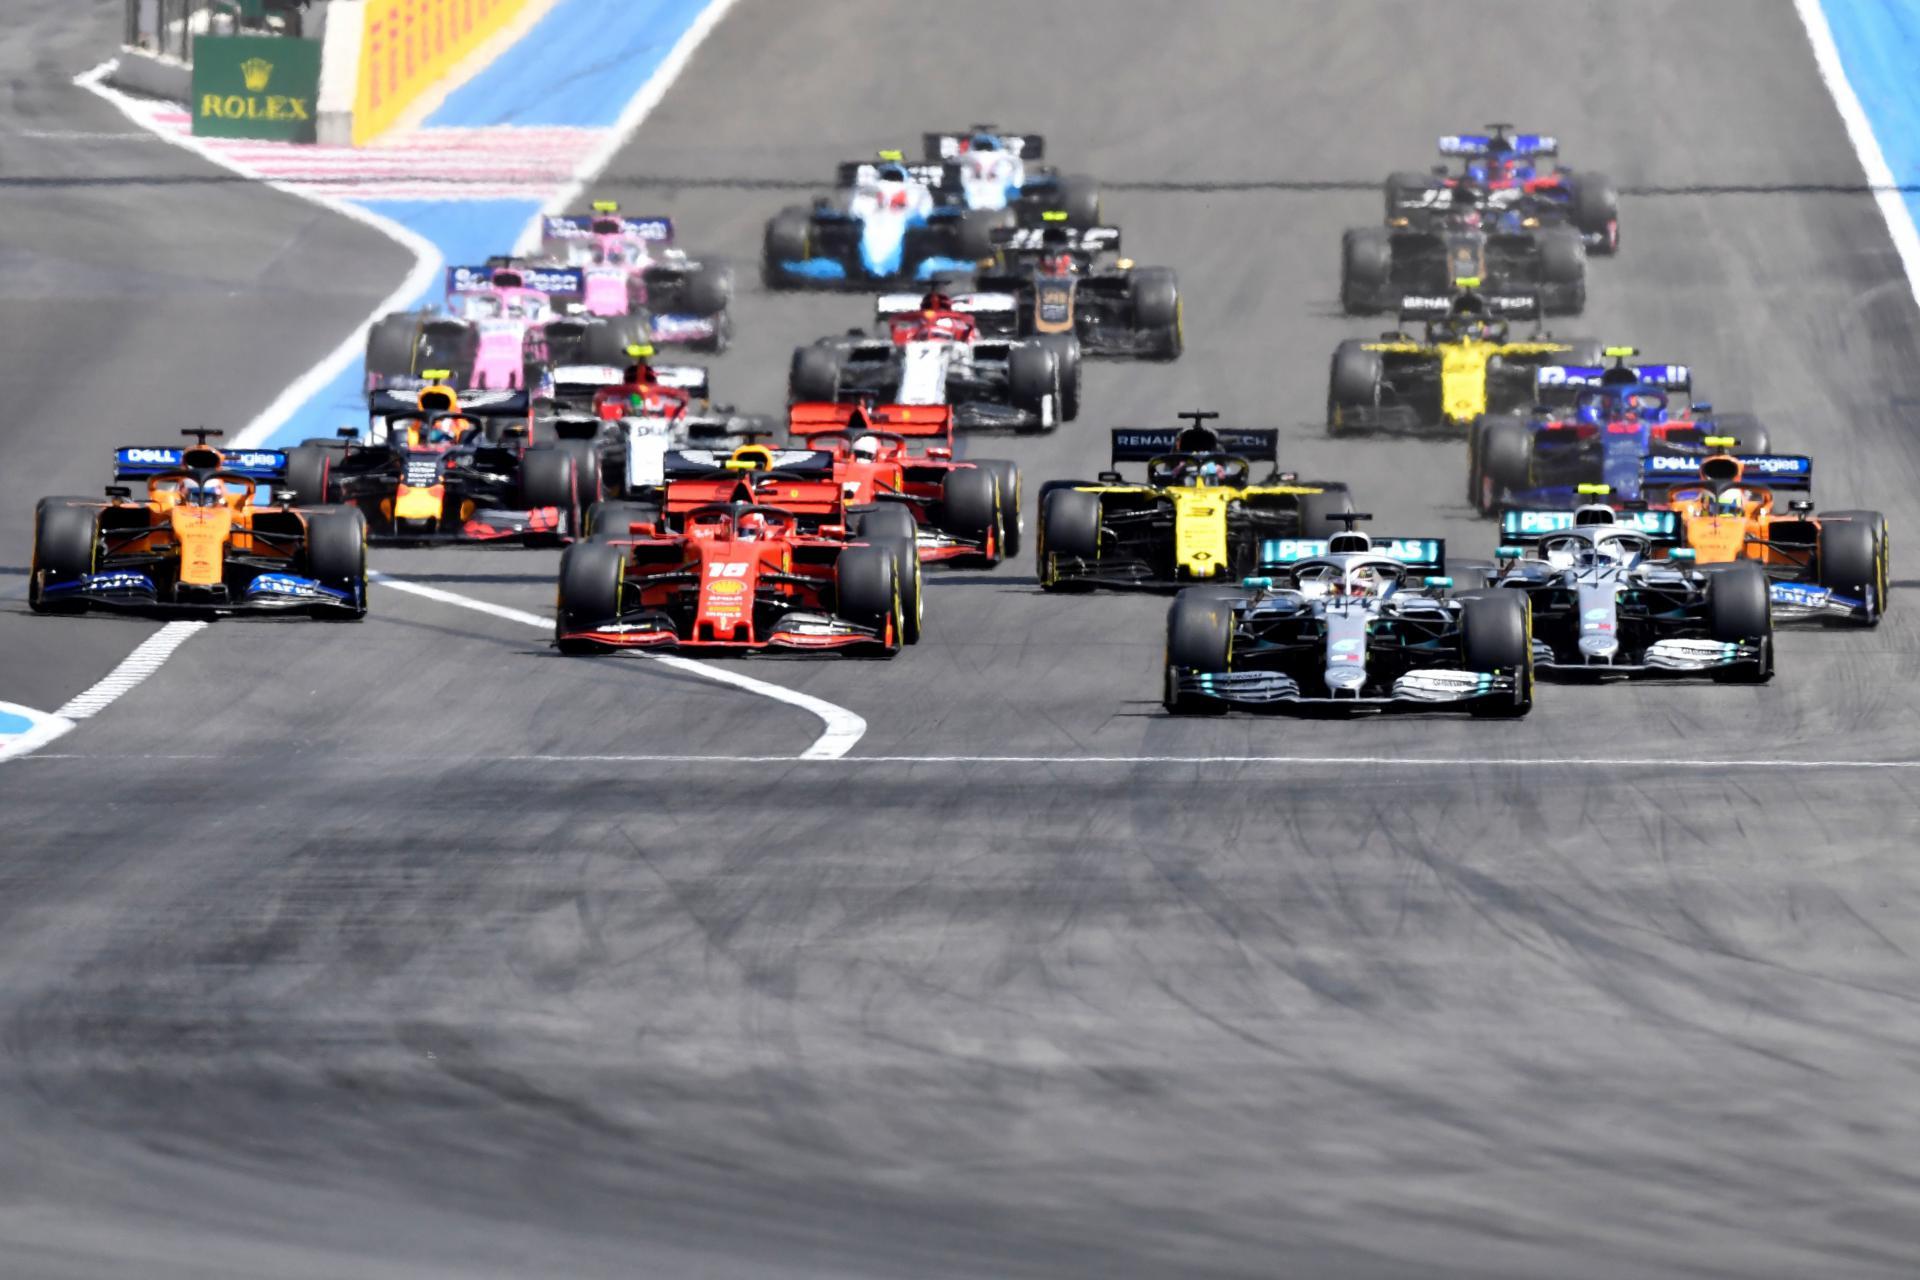 Sezona se otvara na Red Bull Ringu: Velika nagrada Austrije dobila 'zeleno svjetlo' za start u srpnju